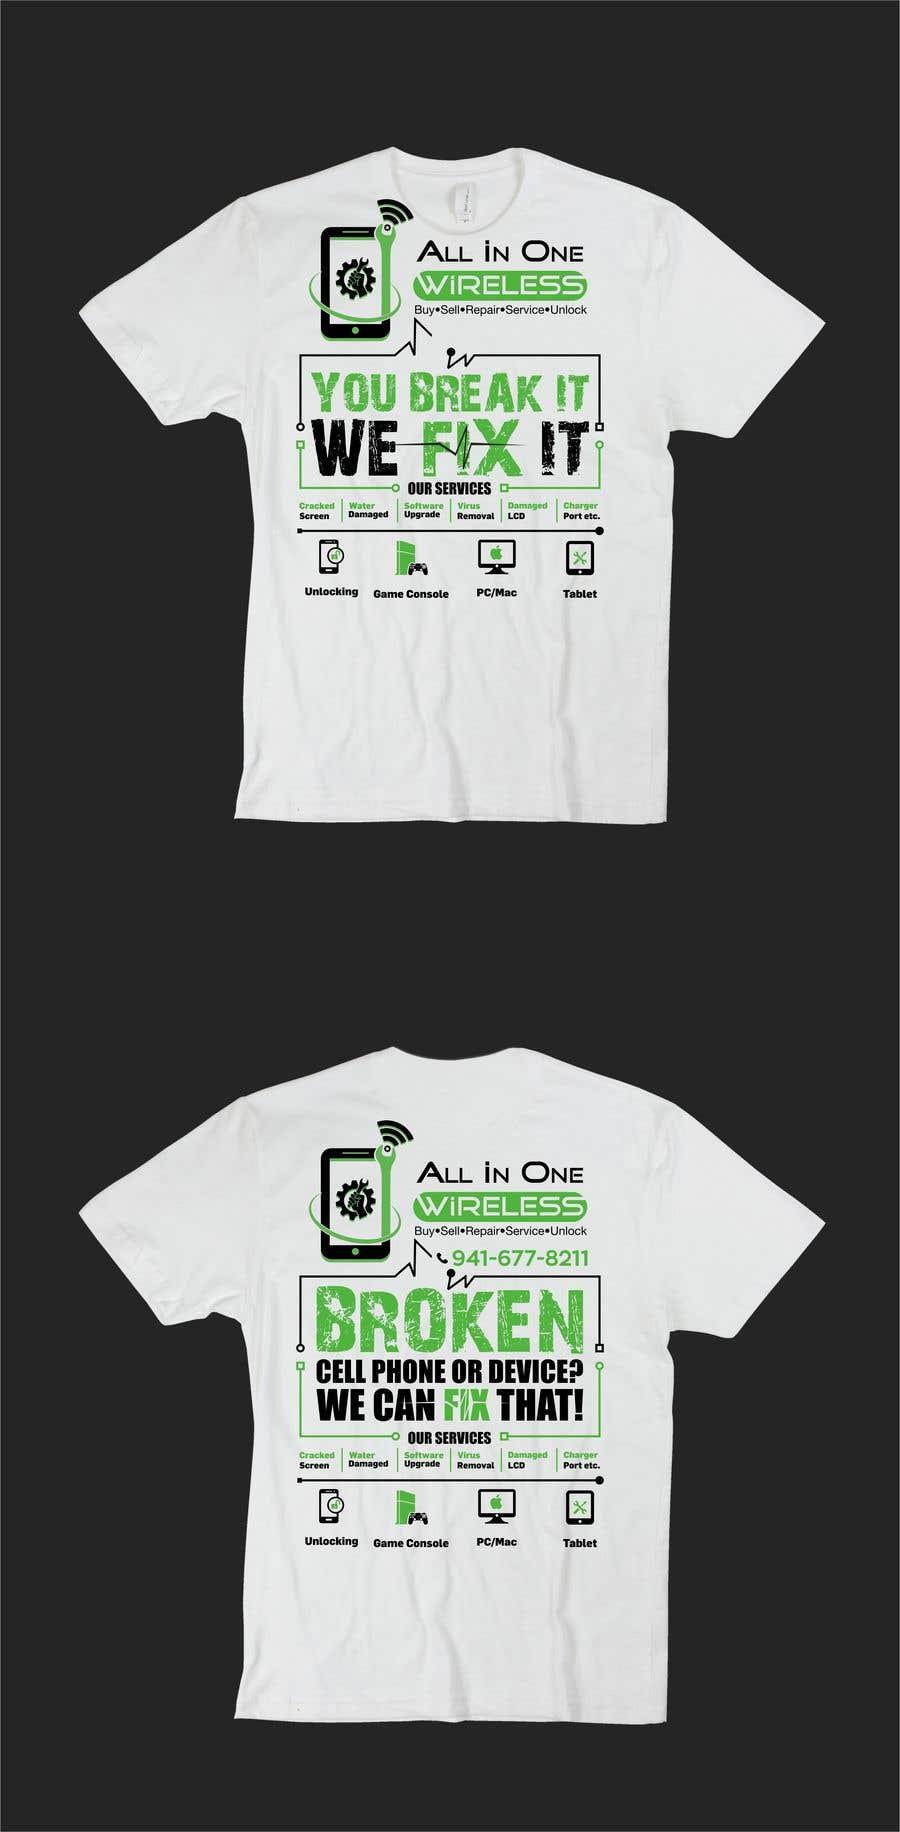 Best Mac App For T Shirt Design | Top Mode Depot